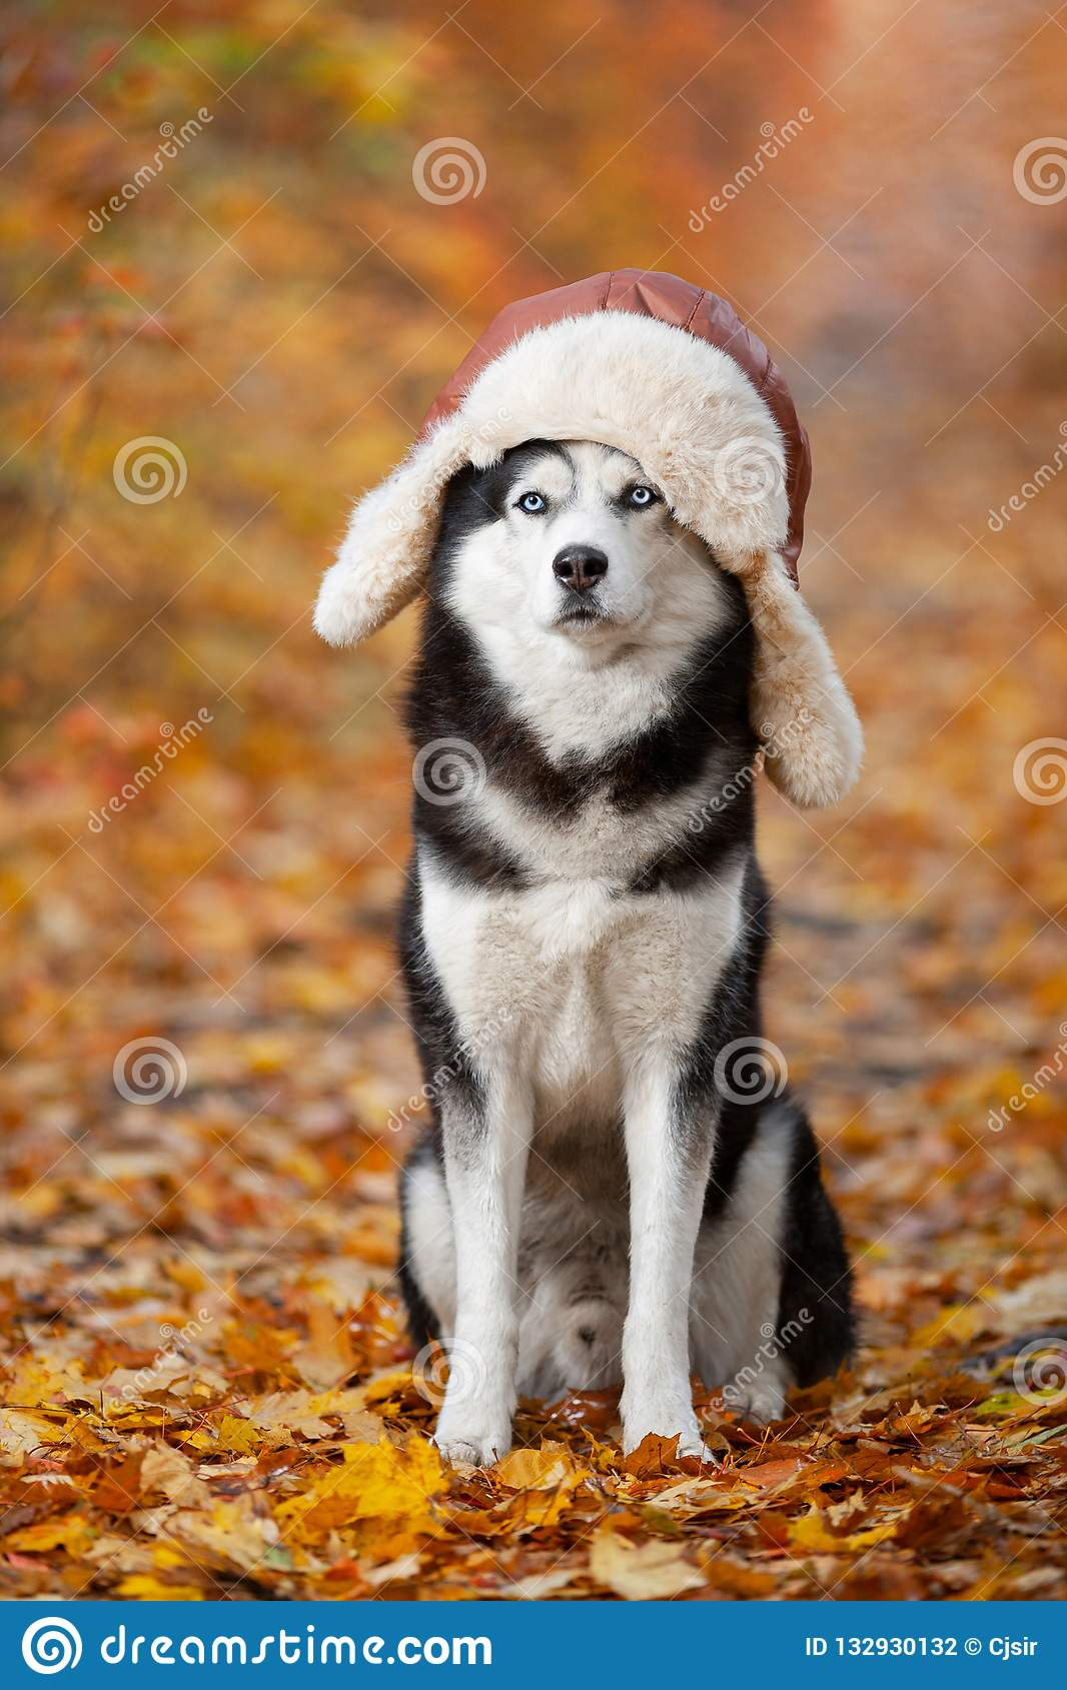 Черно-белая сибирская сиплая собака в шляпе с earflaps сидя в желтых листьях осени